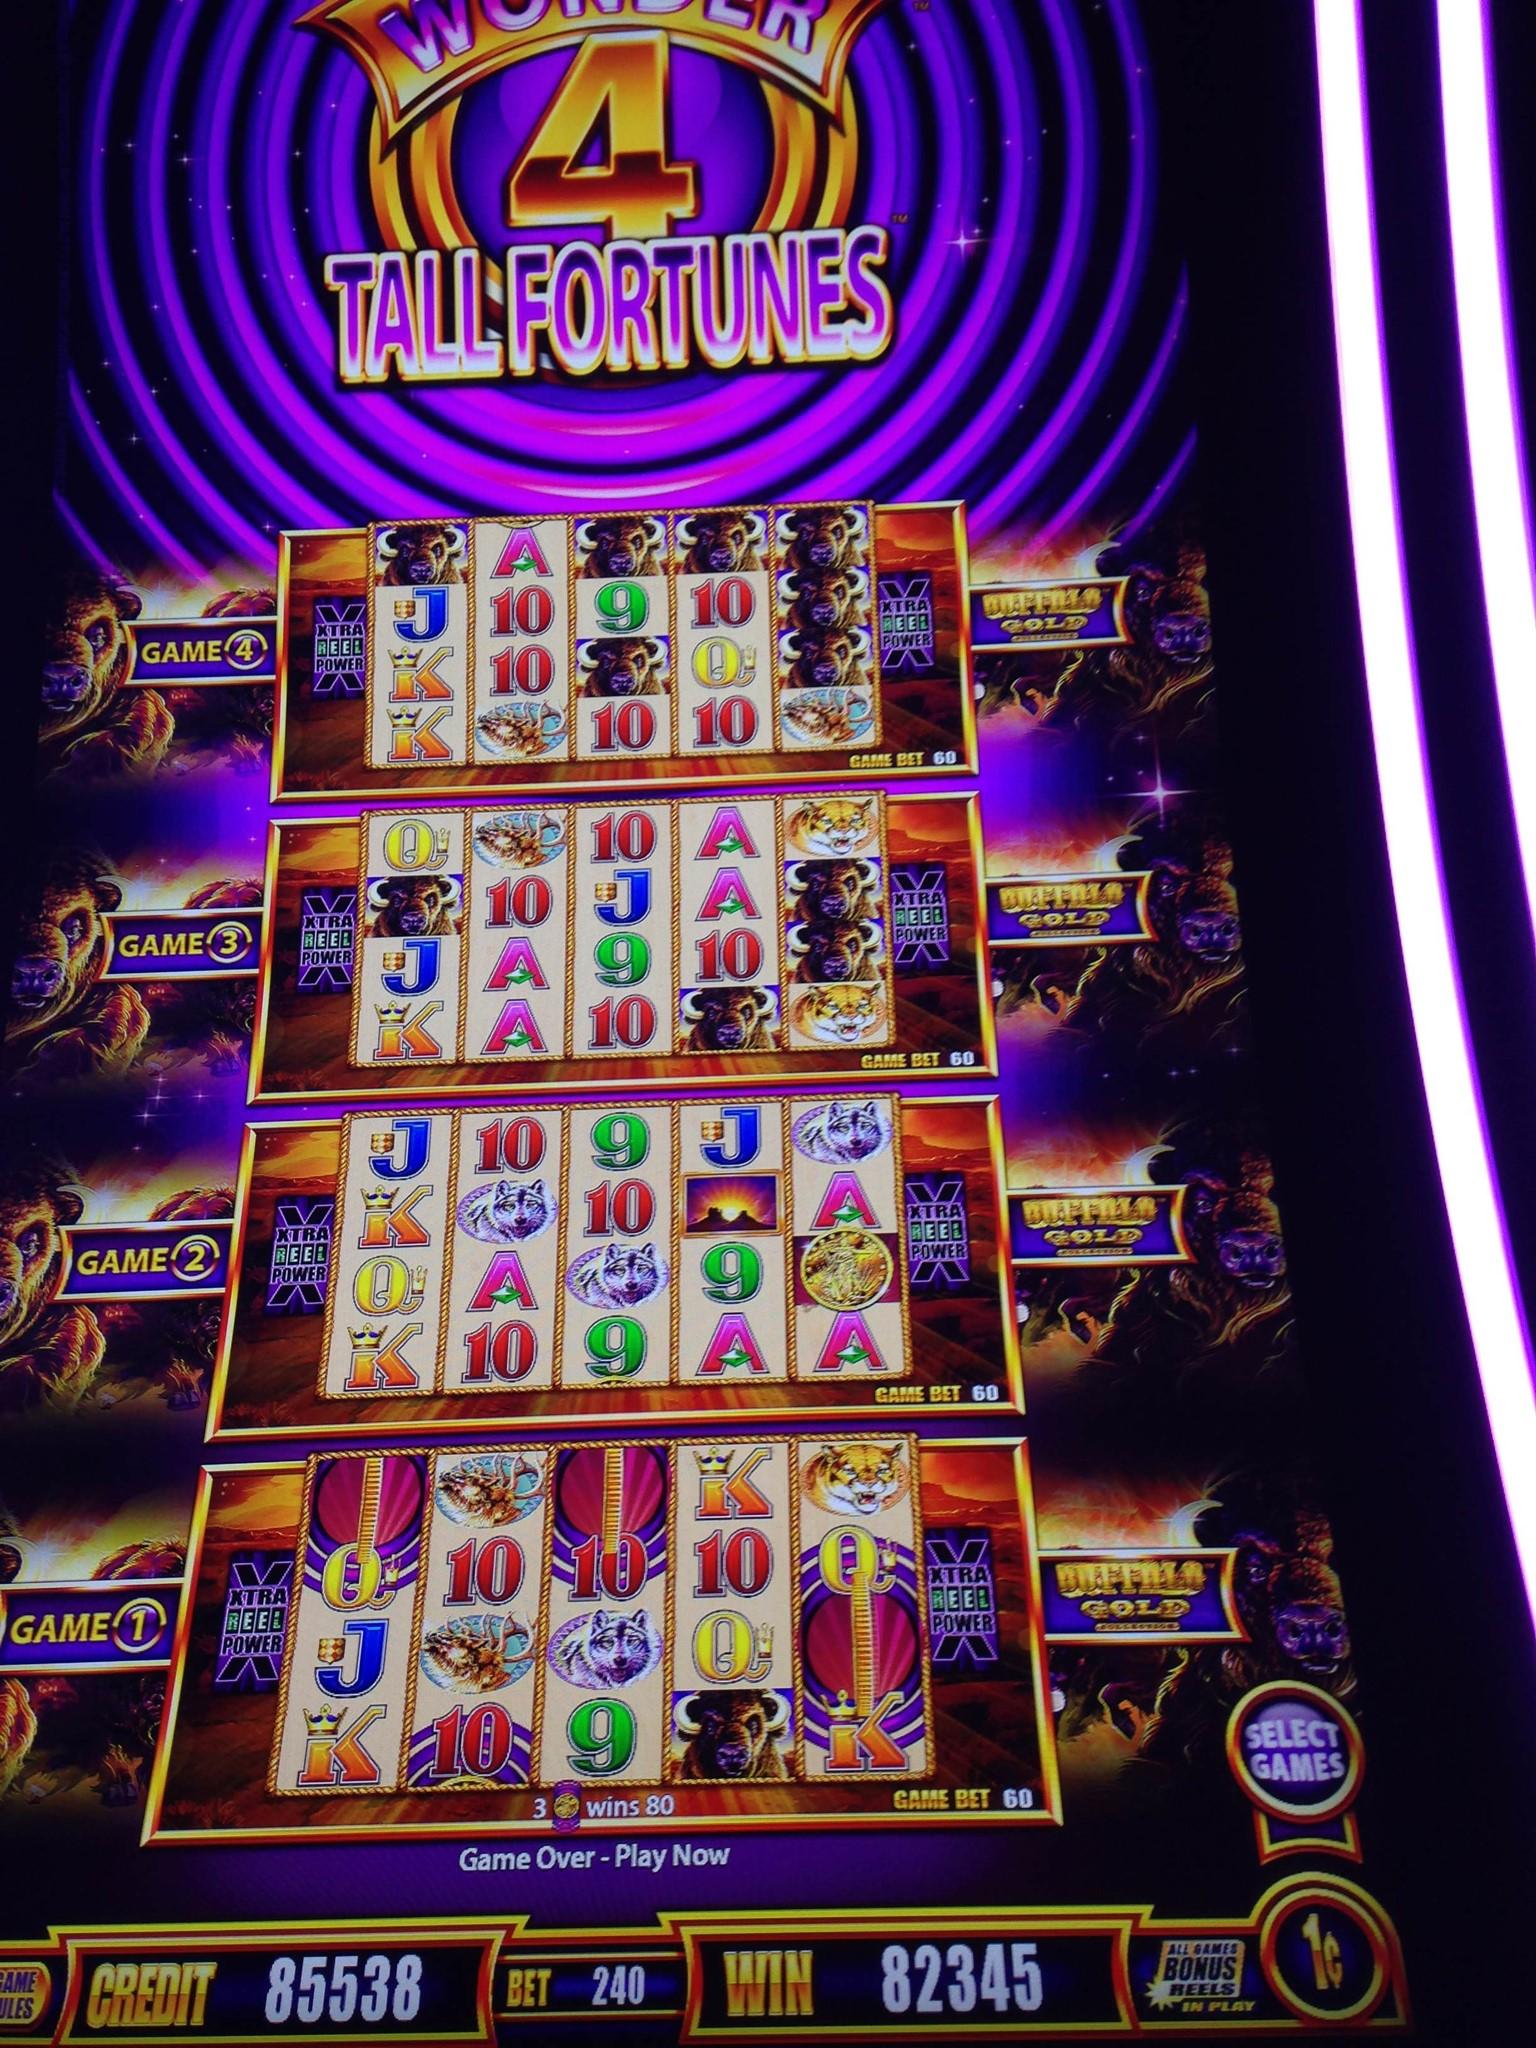 Wonder 4 Tall Fortune Slot Machine By Aristocrat